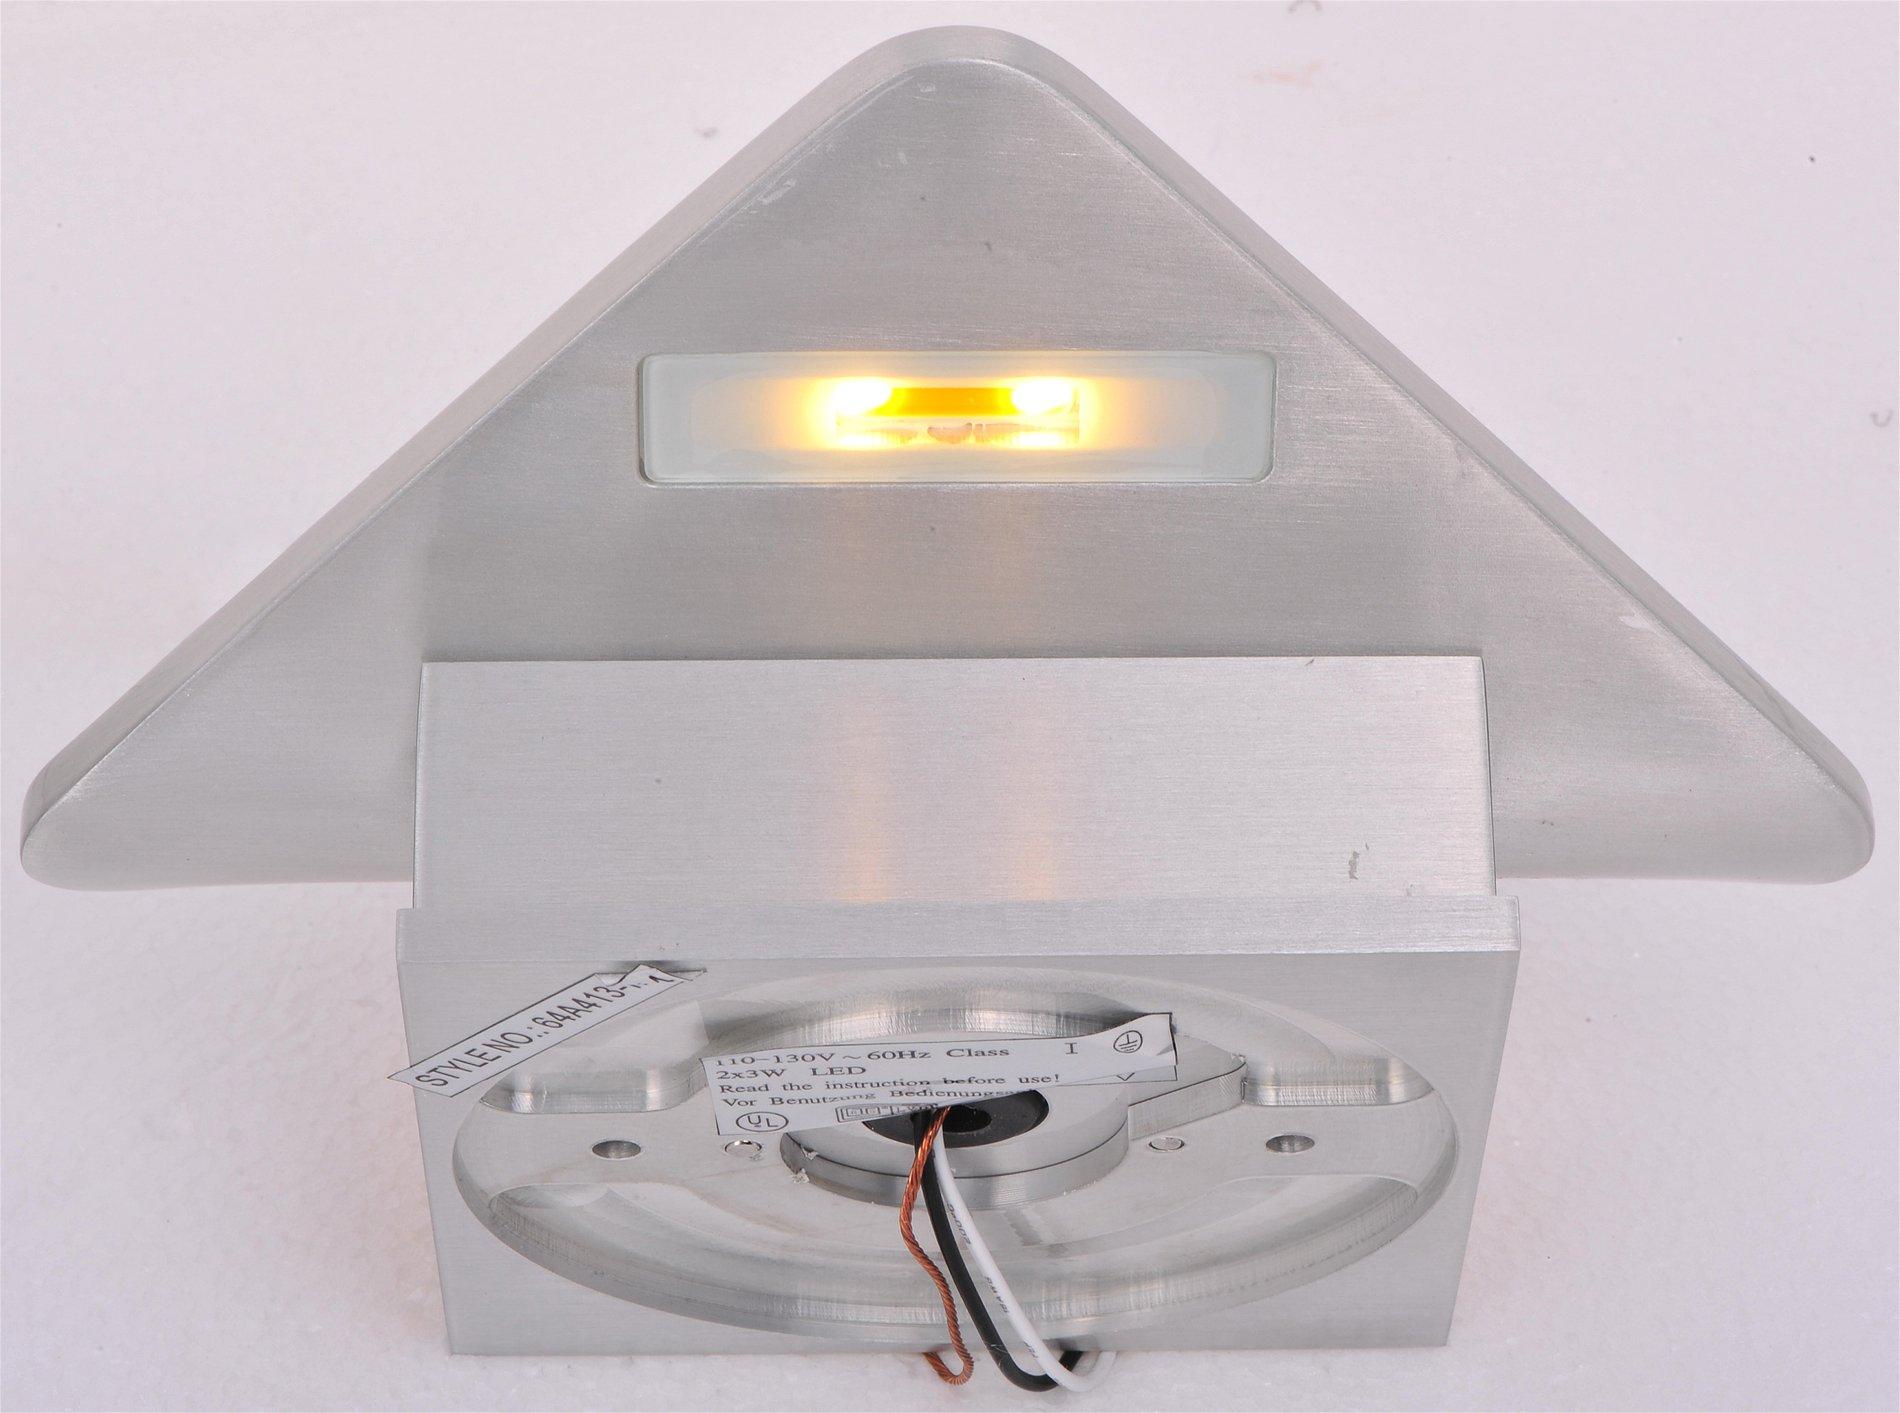 ET2 E41318-SA Alumilux LED Modern / Contemporary Outdoor Wall Sconce E41318-SA